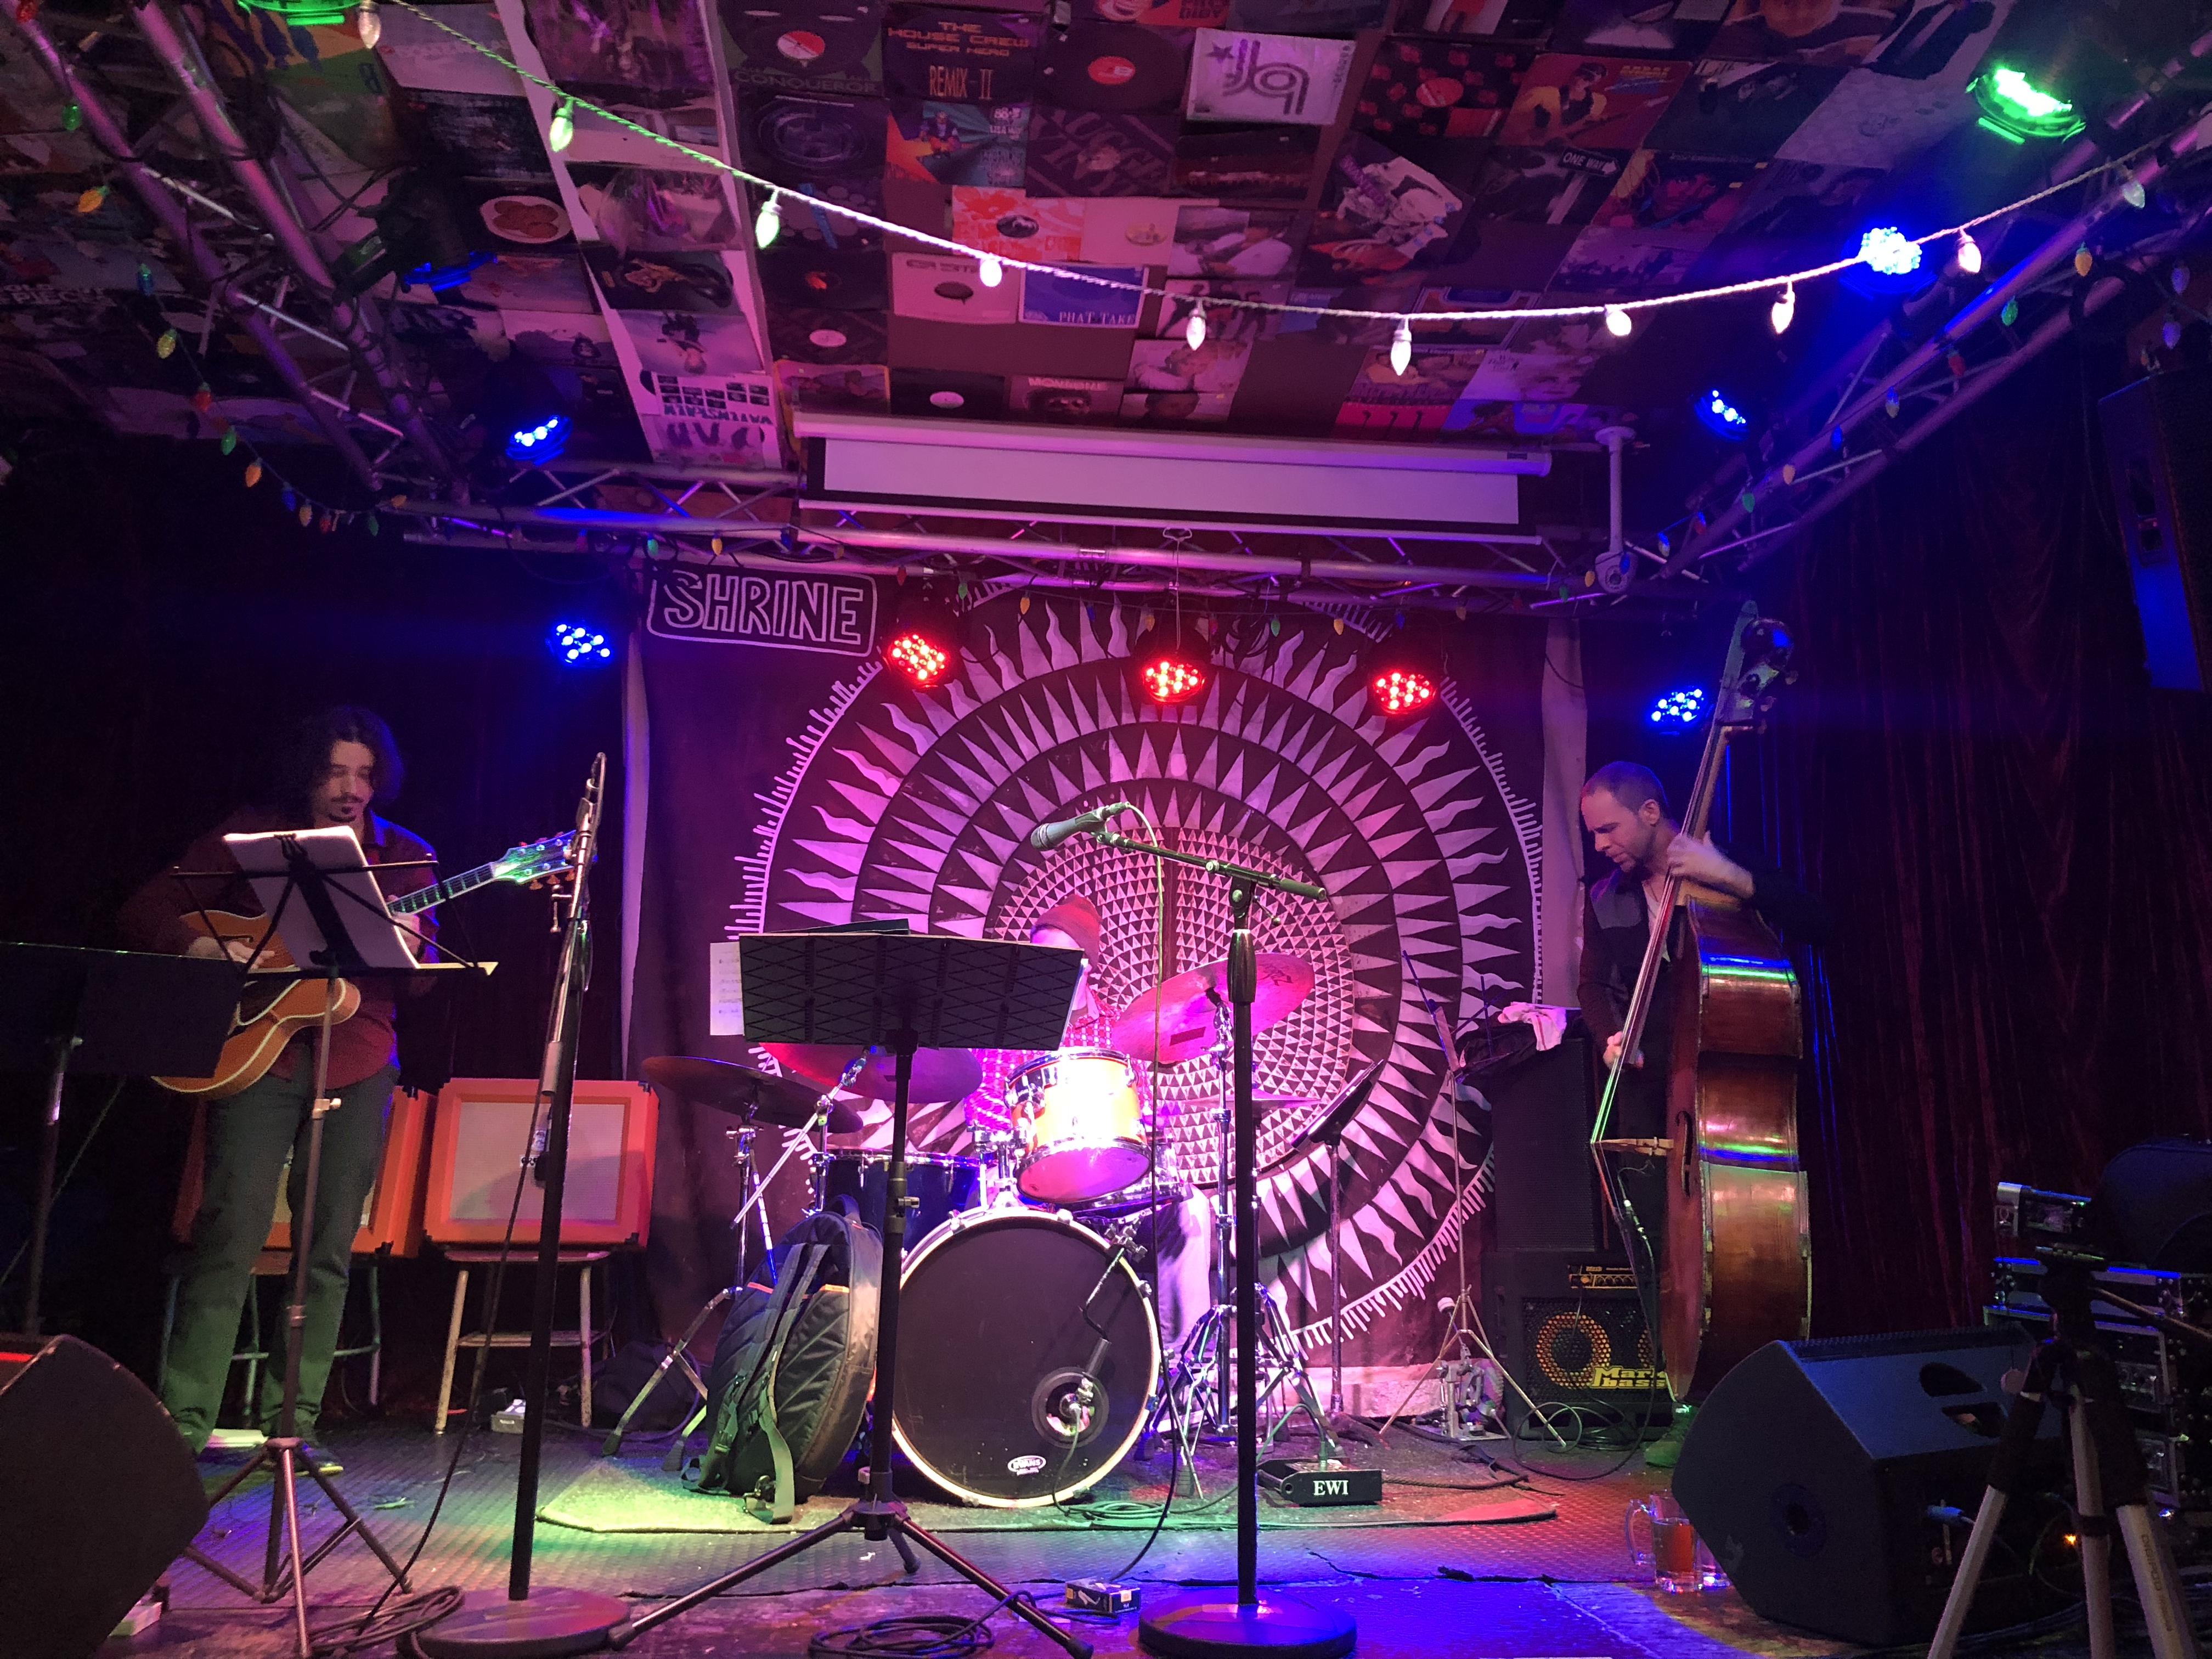 Trio at Shrine, Harlem